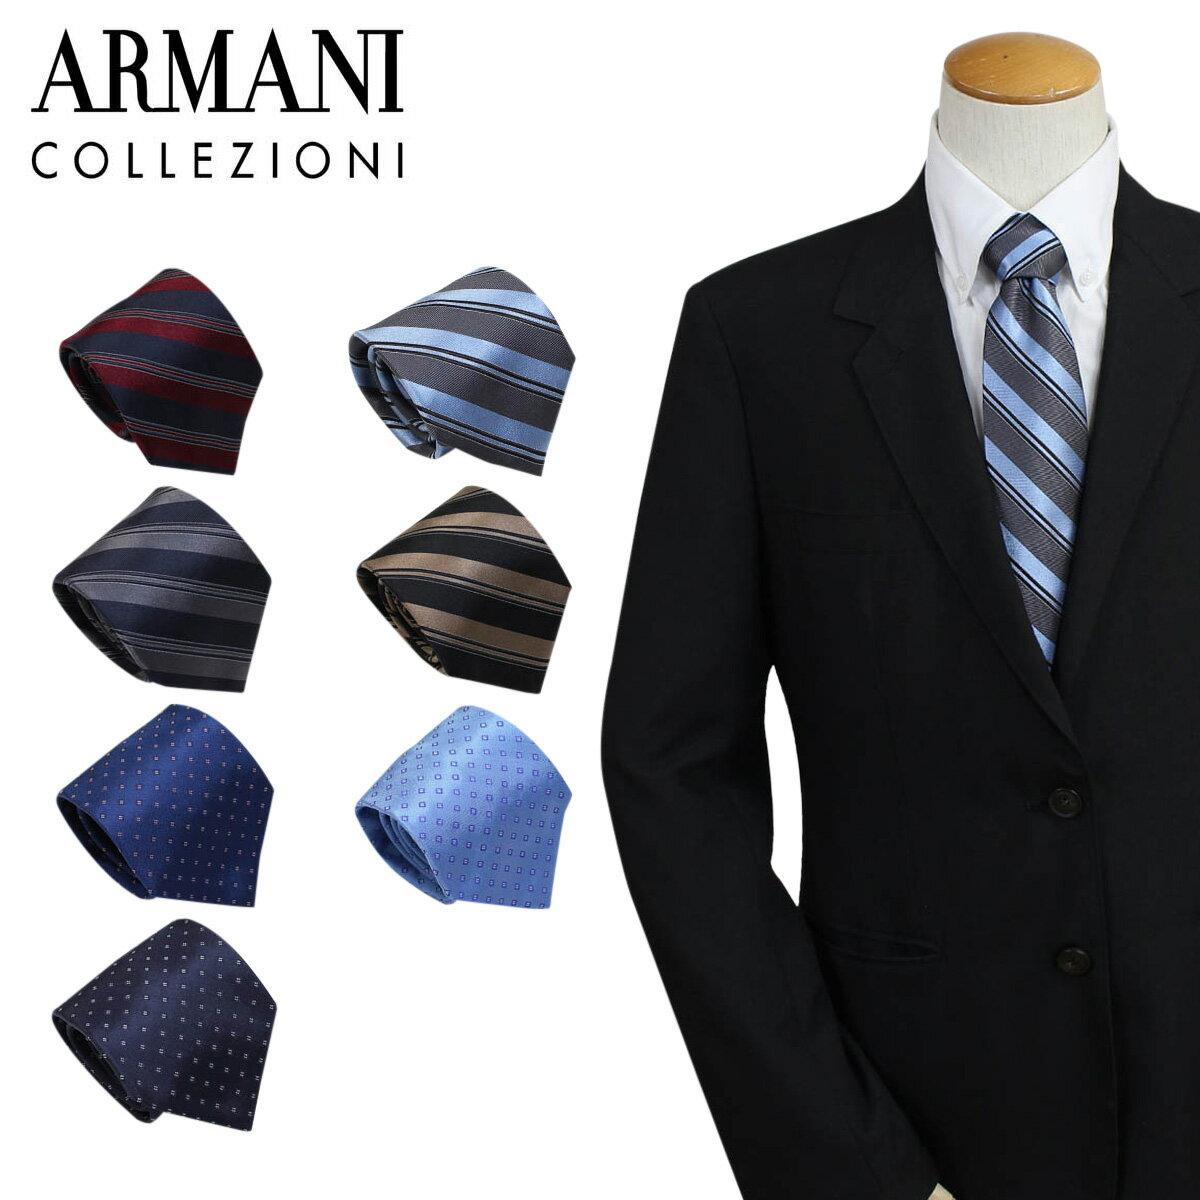 アルマーニ ネクタイ ARMANI COLLEZIONI コレツィオーニ イタリア製 シルク ビジネス 結婚式 メンズ [1/16 追加入荷]